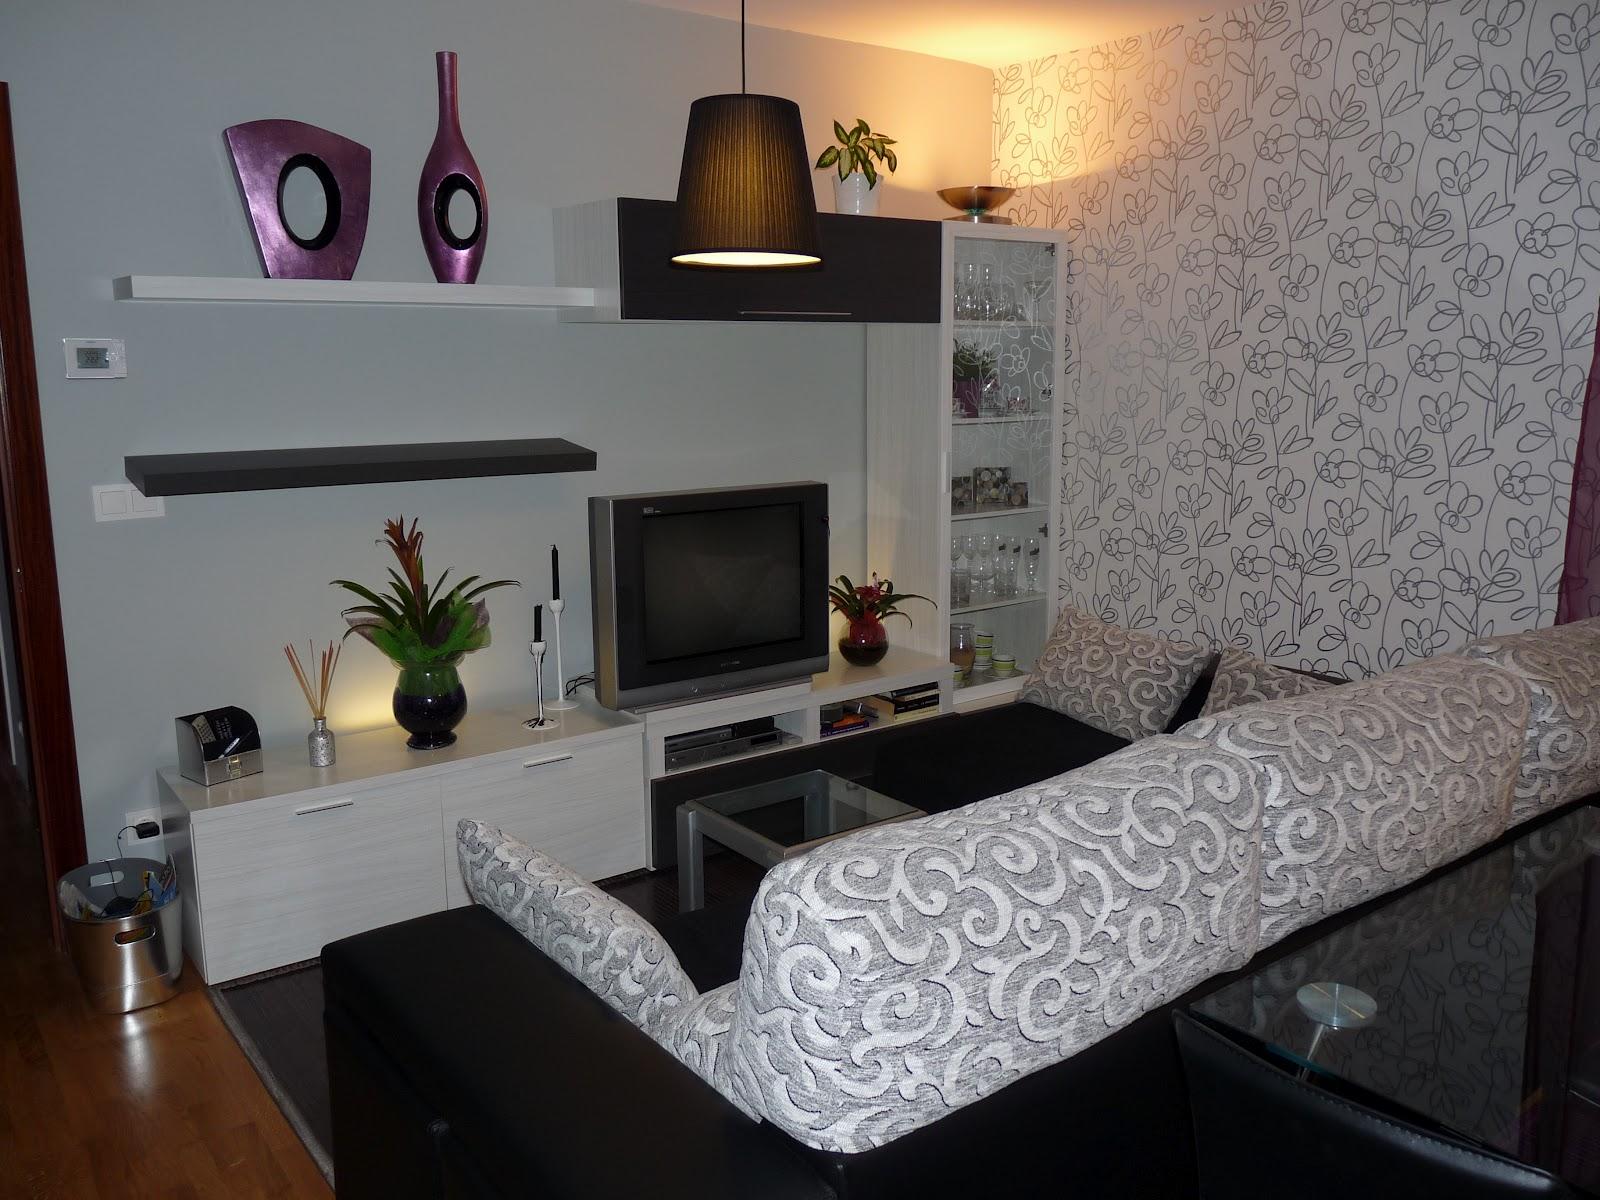 Decandyou ideas de decoraci n y mobiliario para el hogar for El mueble barato